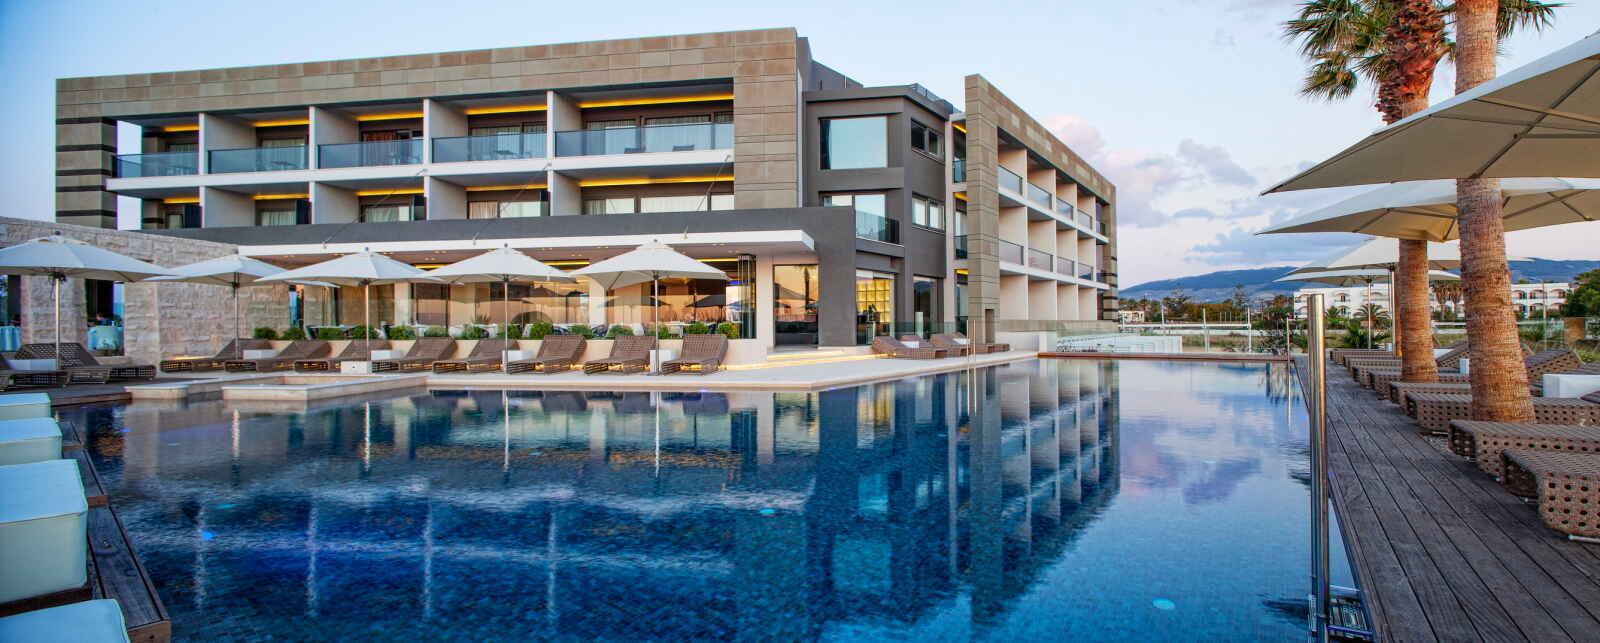 Grèce : Aqua Blu Boutique Hotel & Spa